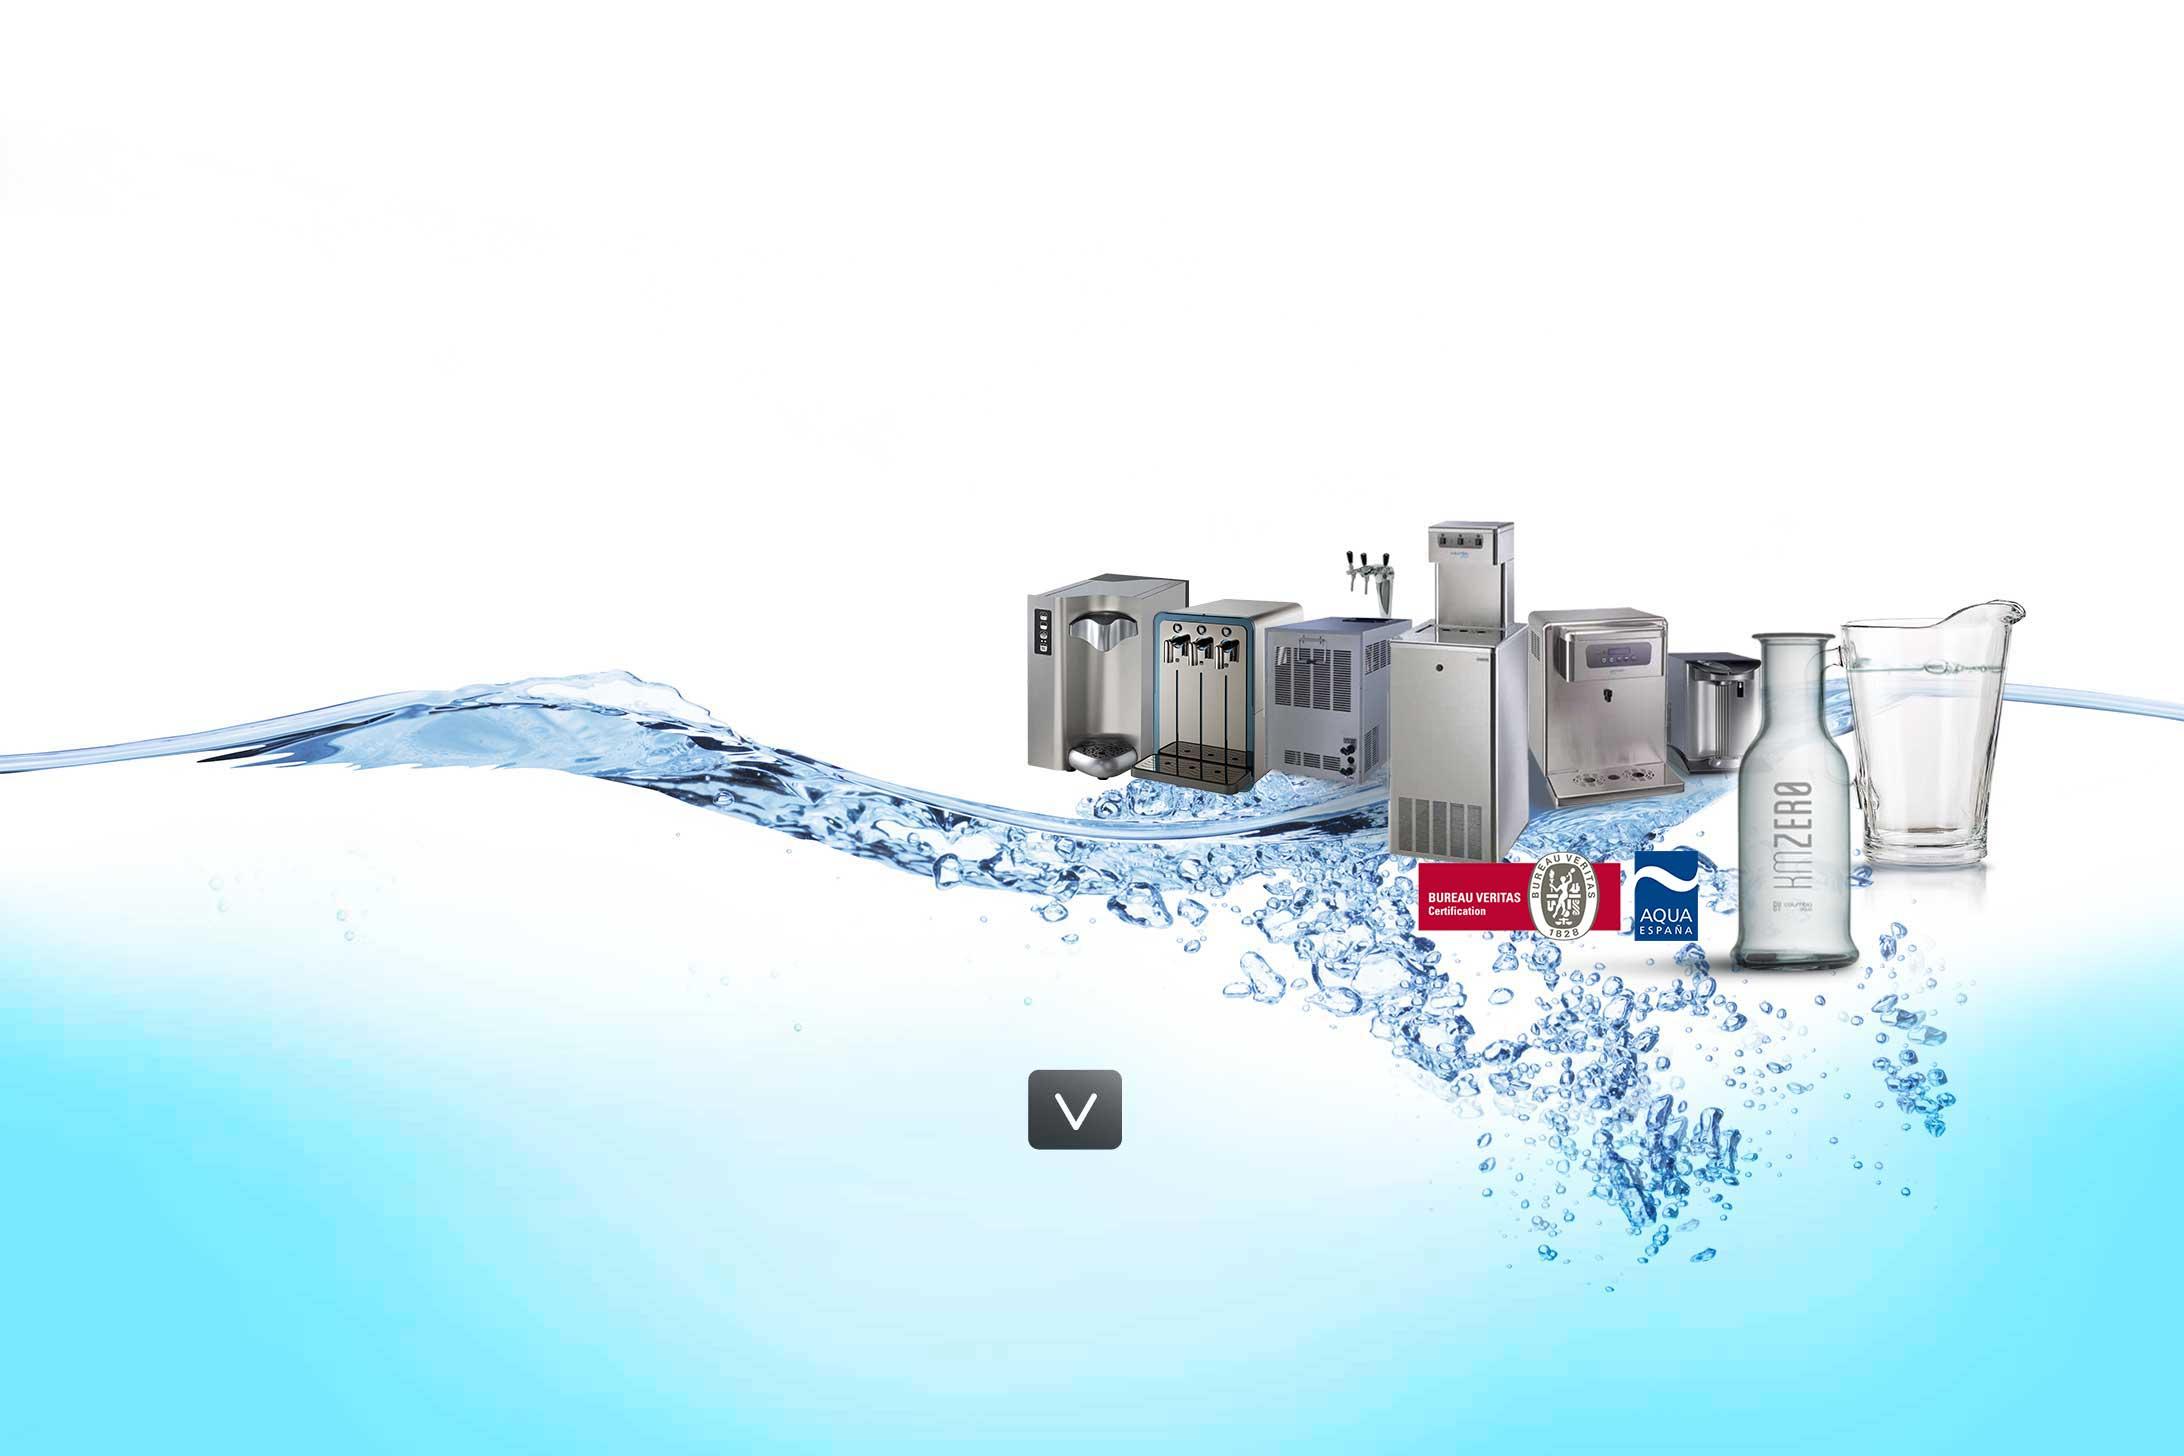 agua-recien-filtrada-restaurantes-1